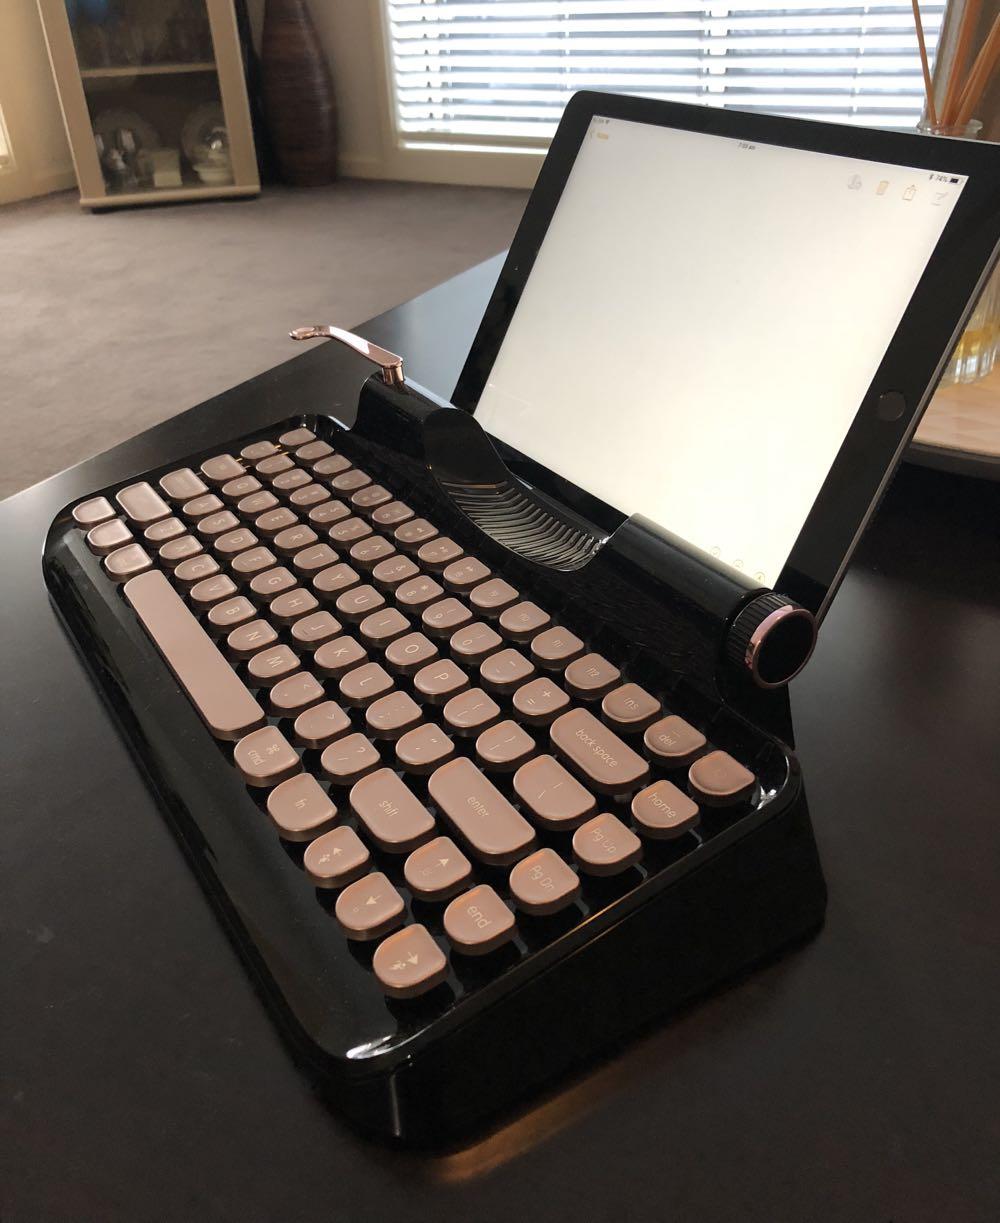 Rymek retro Bluetooth typewriter keyboard review - a cool